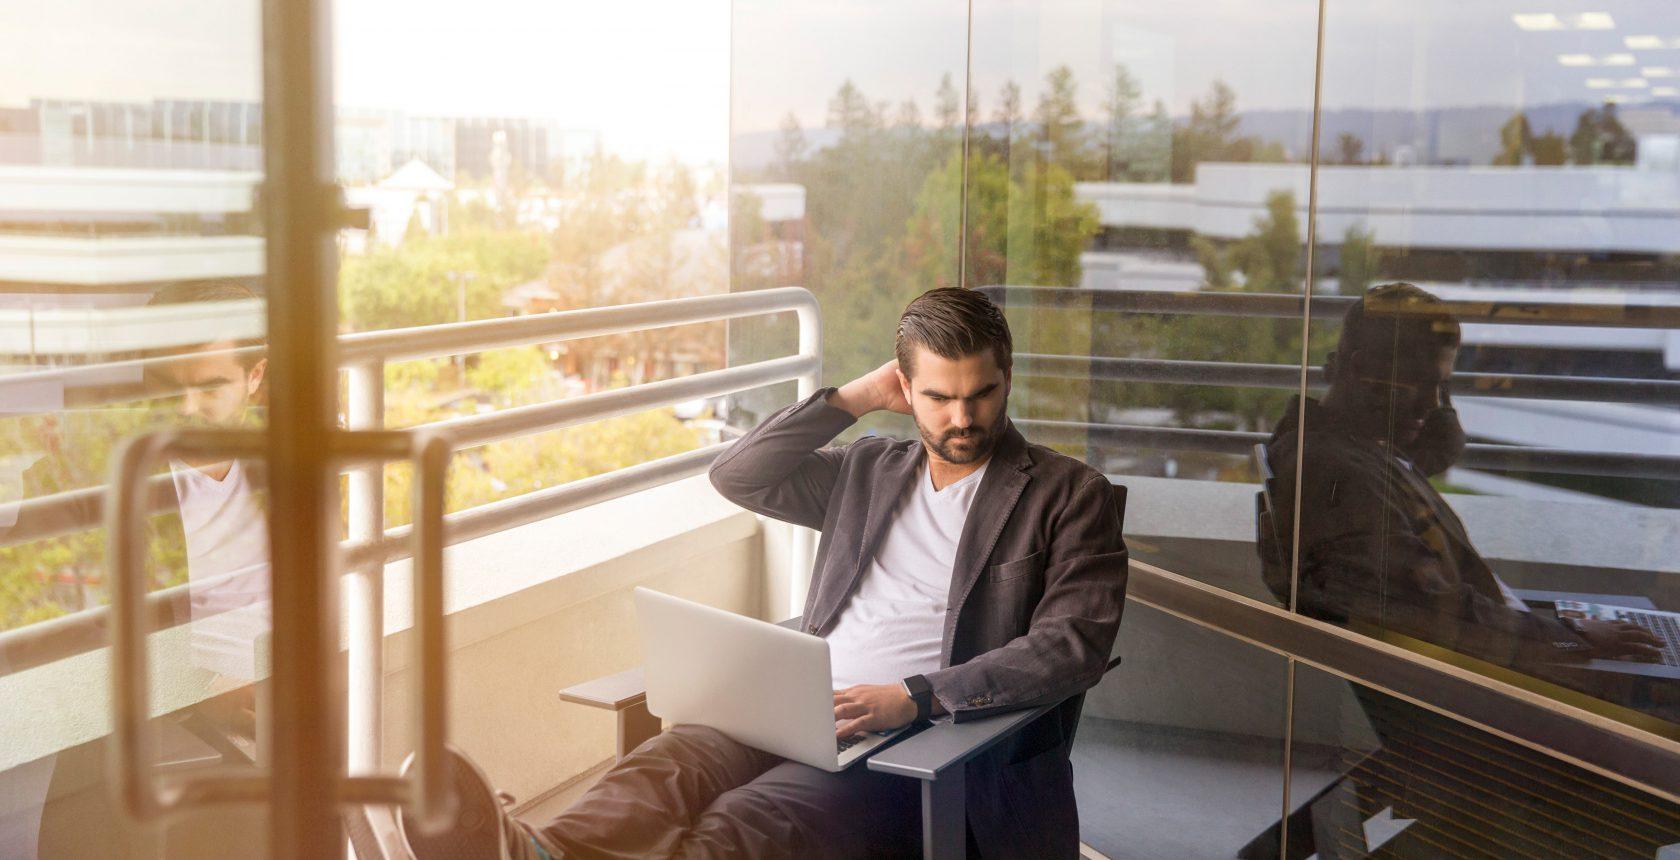 Paroles de freelances – à 42 ans, David choisit le freelancing